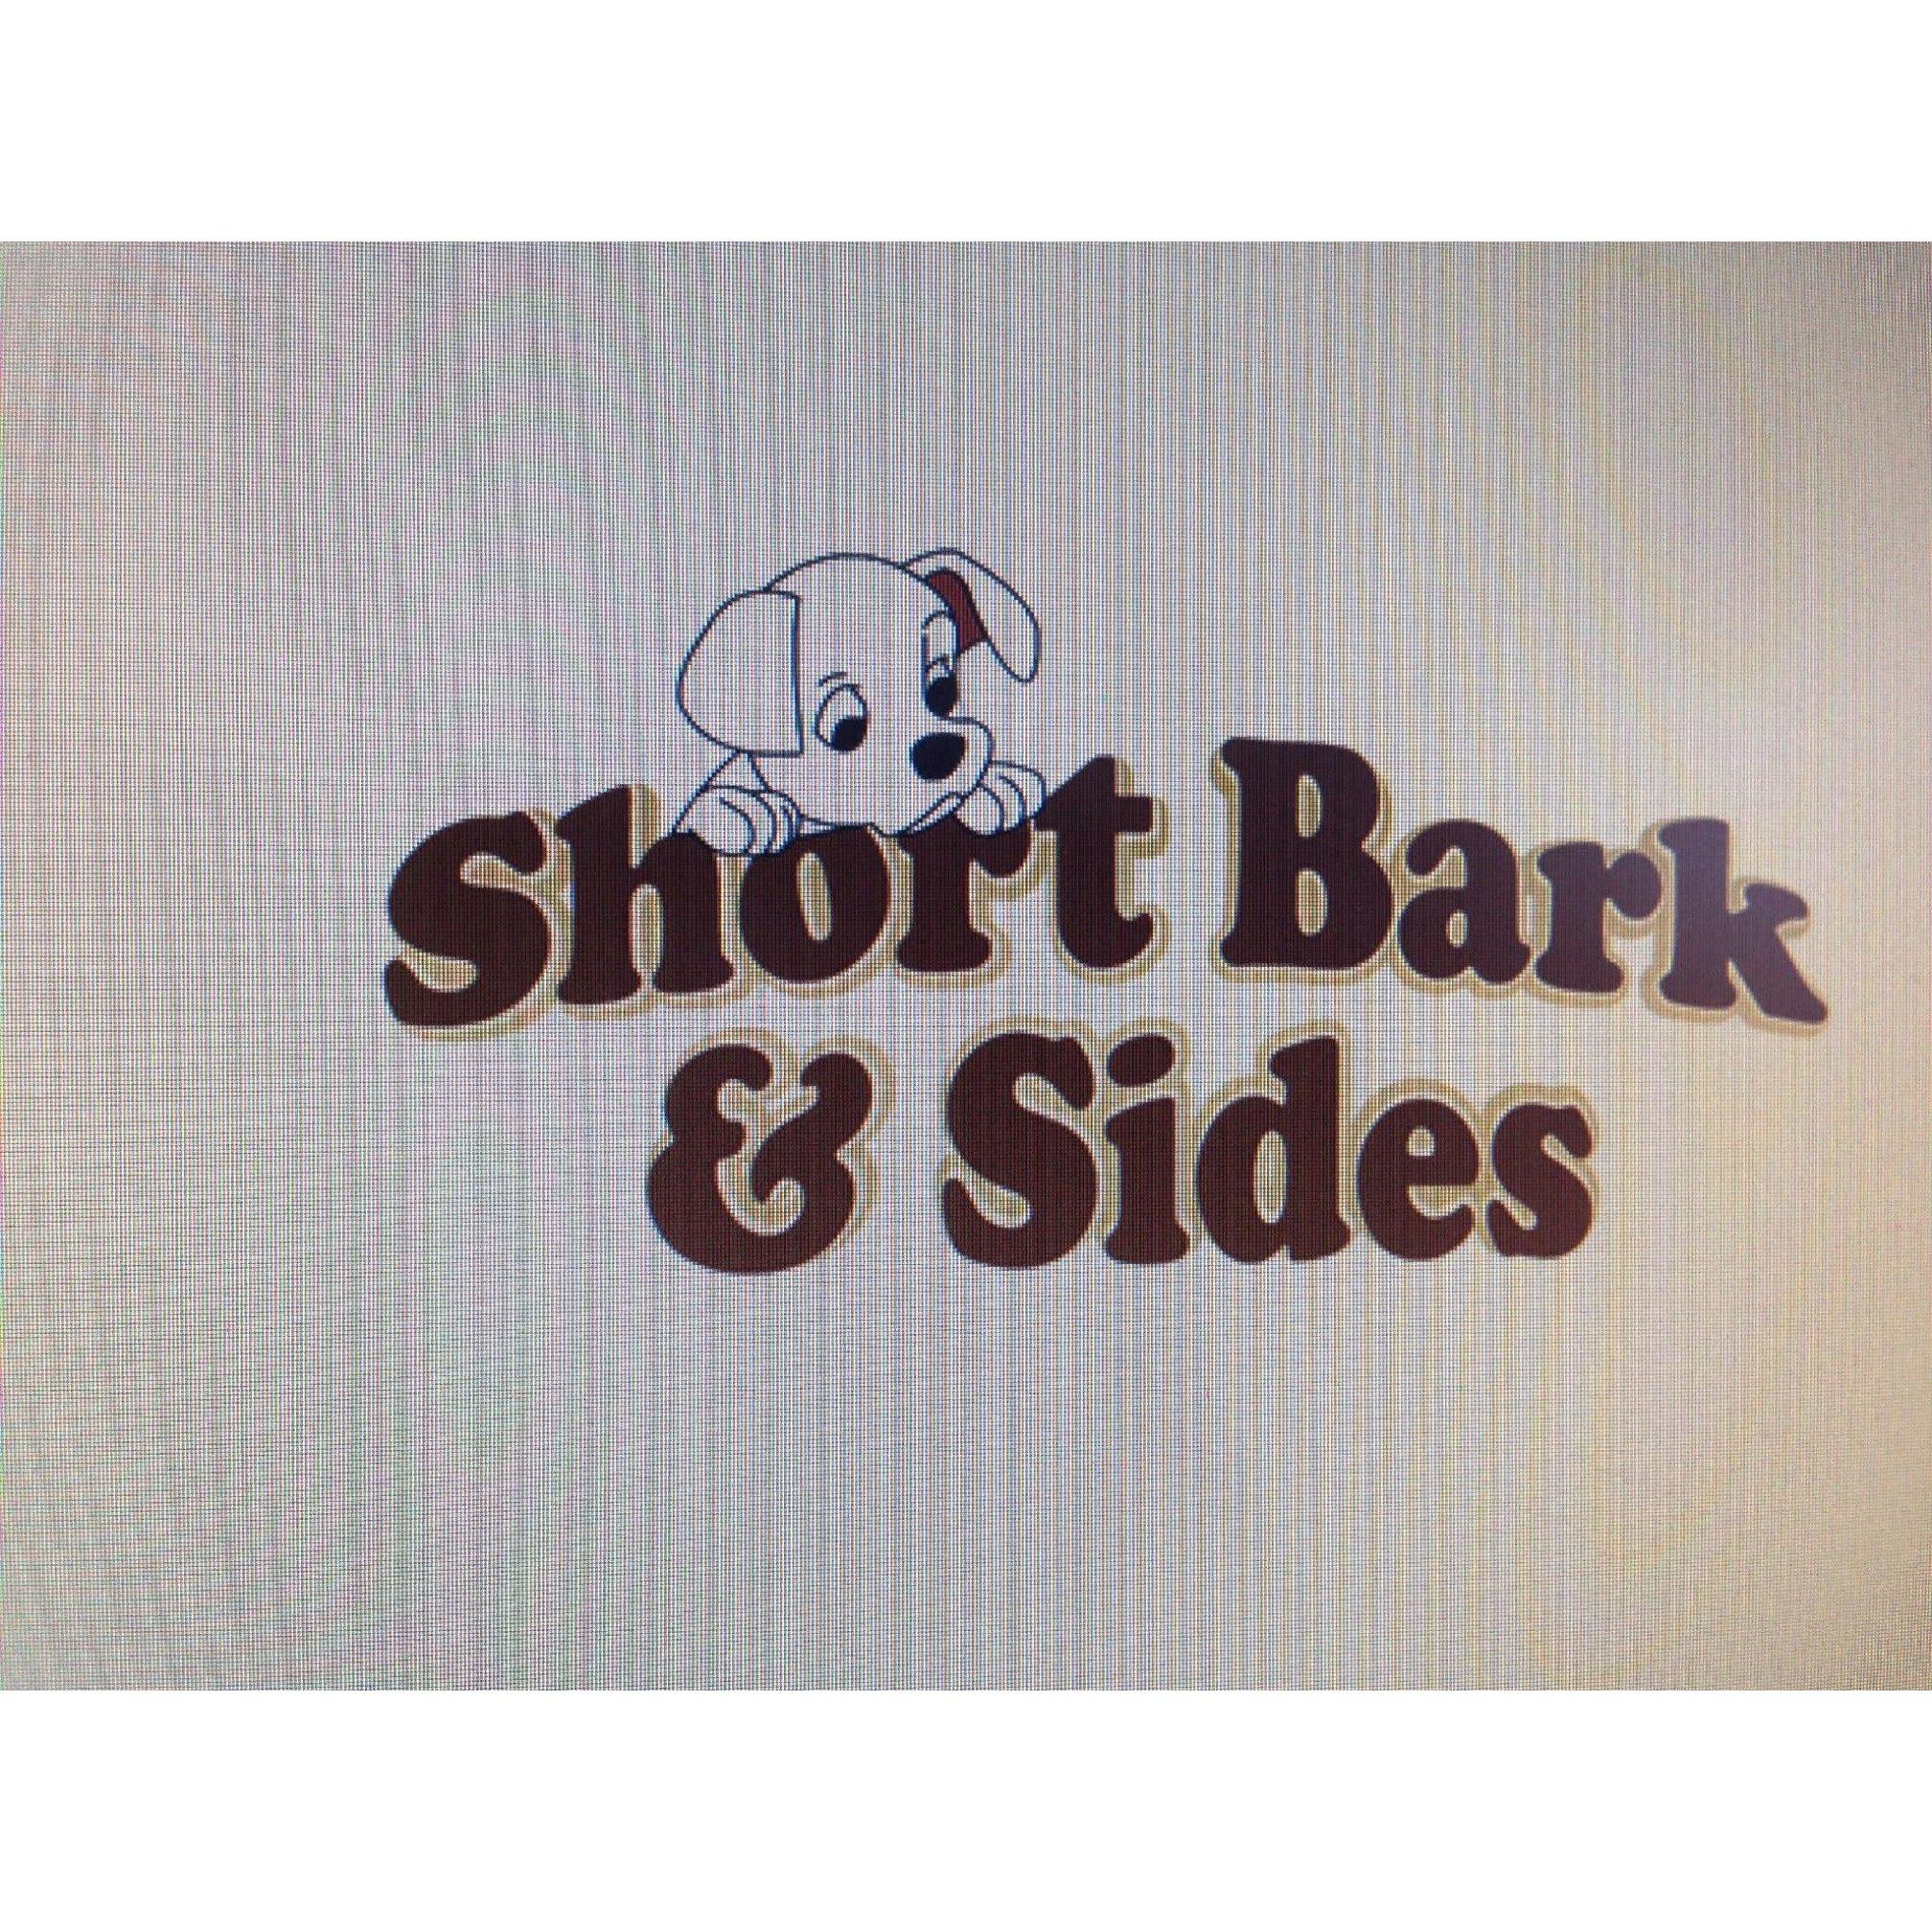 Short Bark & Sides - Leeds, West Yorkshire LS6 4JB - 07802 444484 | ShowMeLocal.com